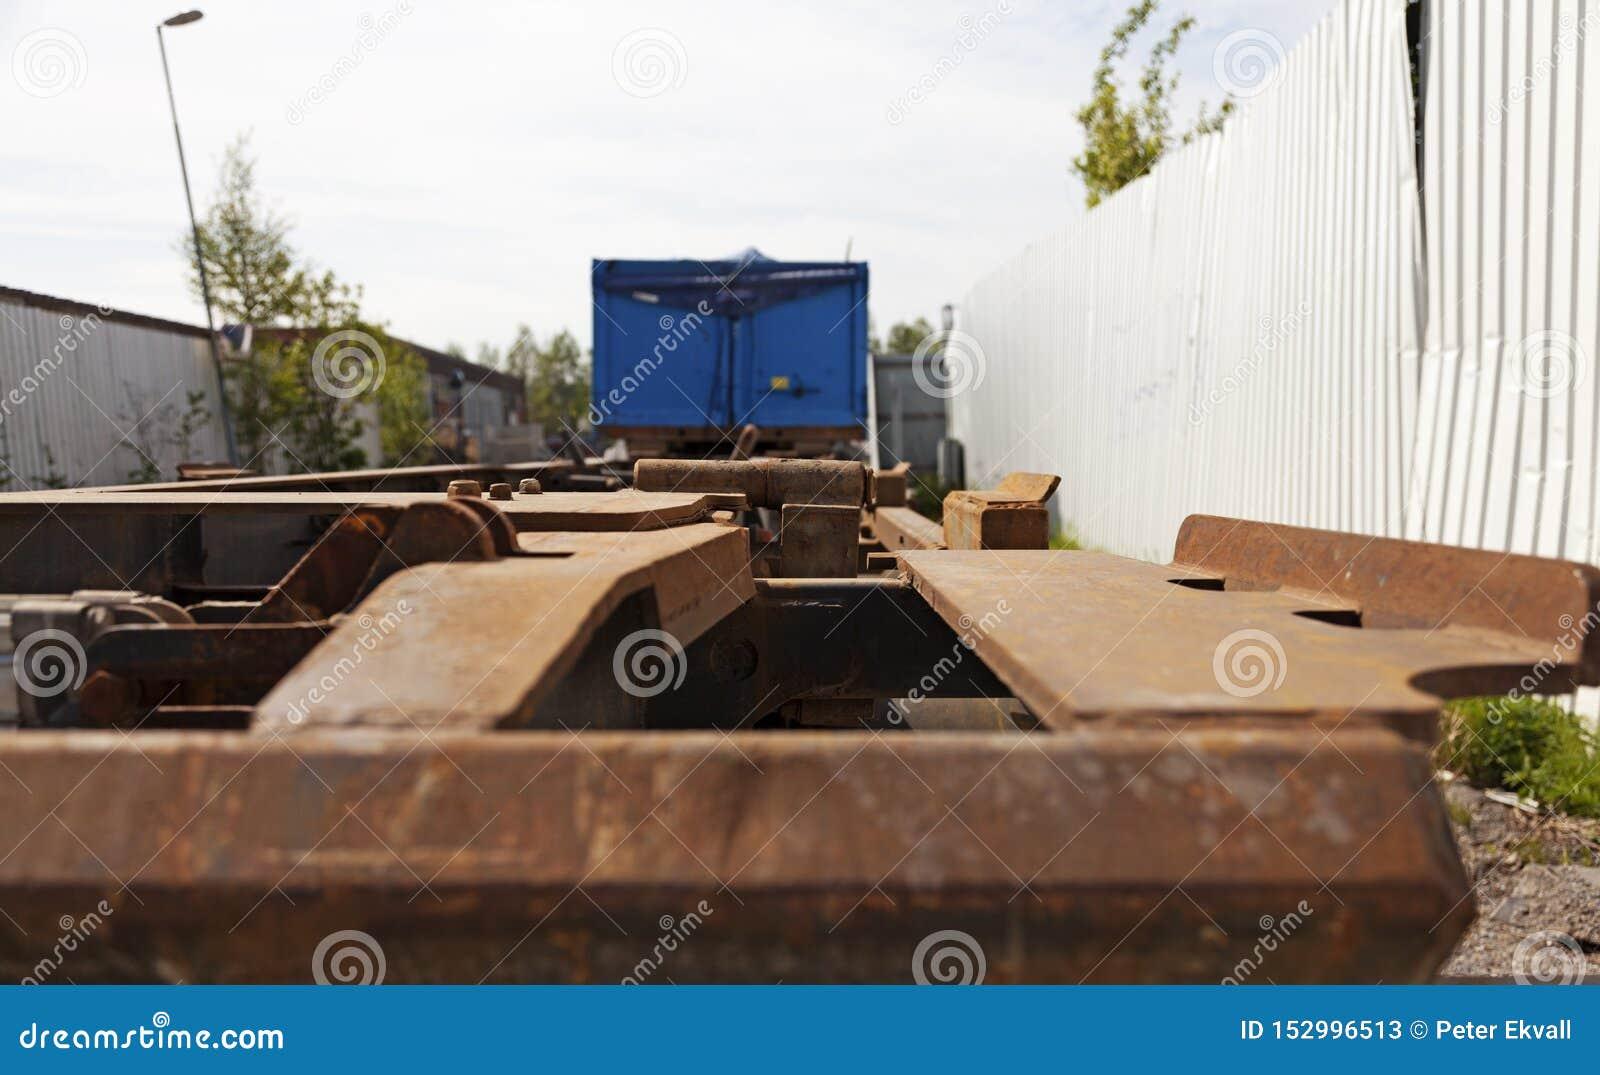 Z tyłu długiej ciężarówki bez ładunku